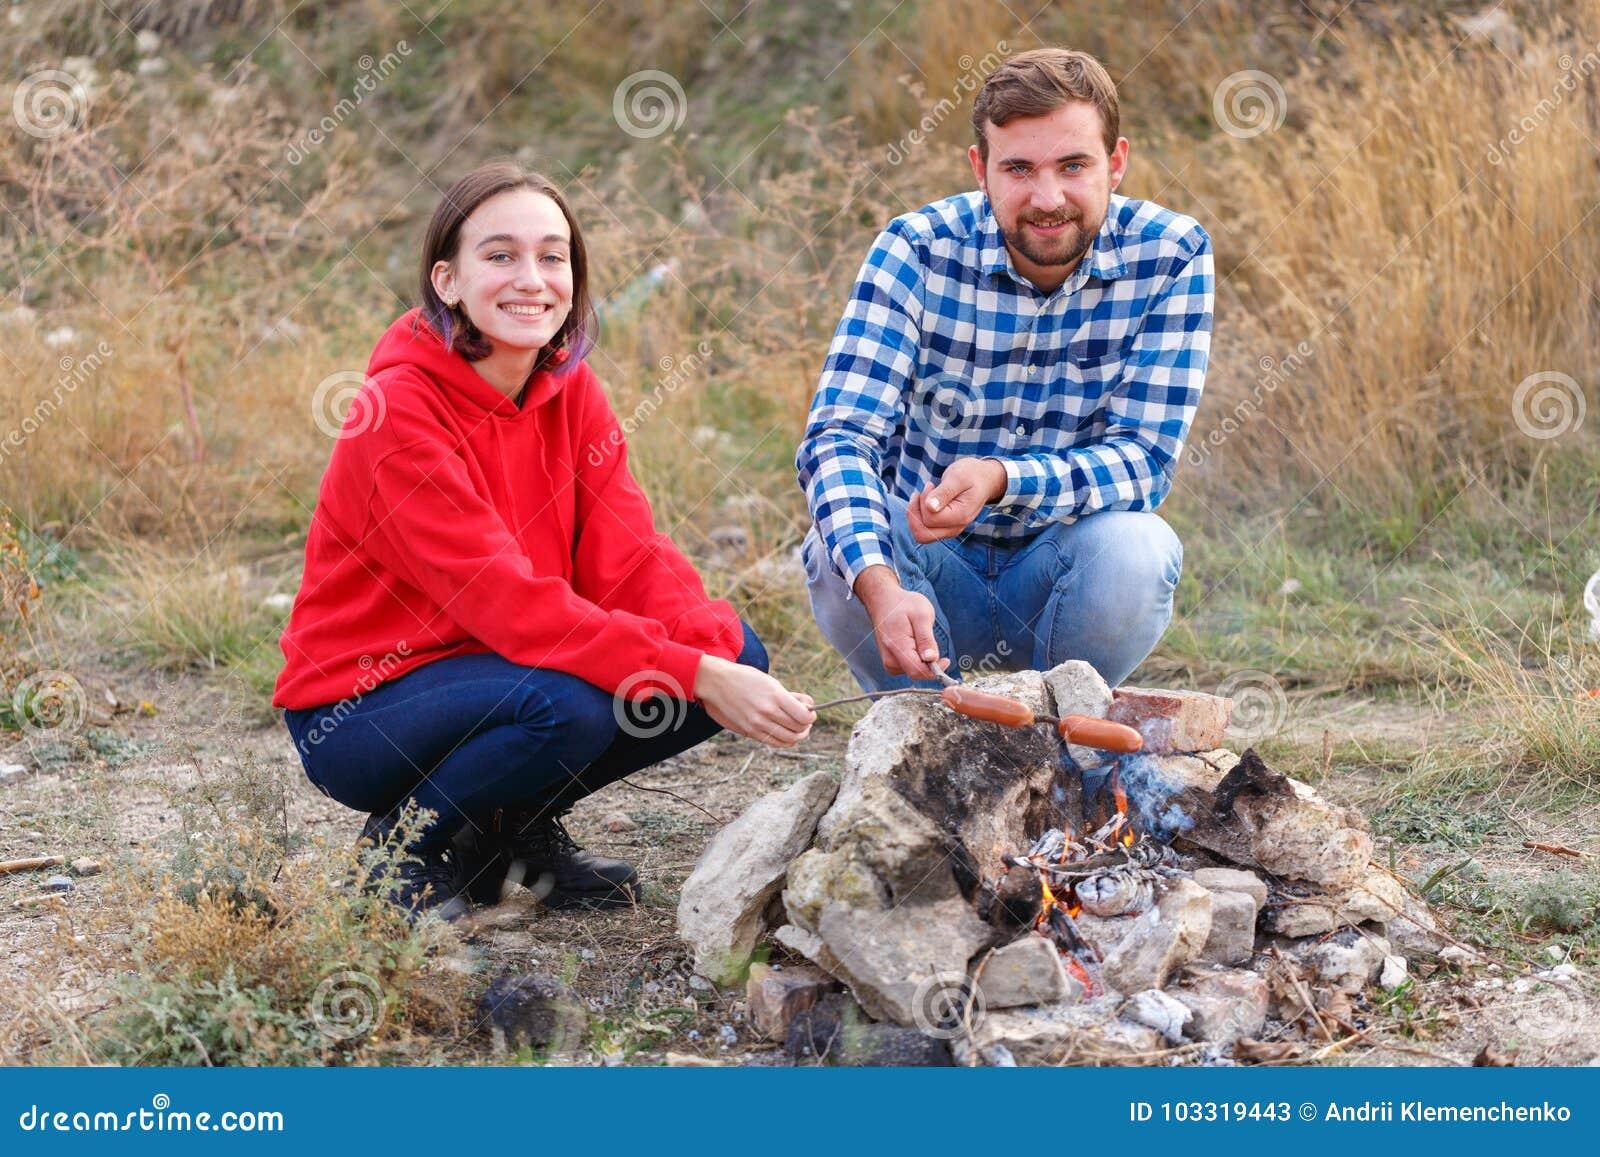 Um par em um piquenique frita salsichas apetitosas outdoors